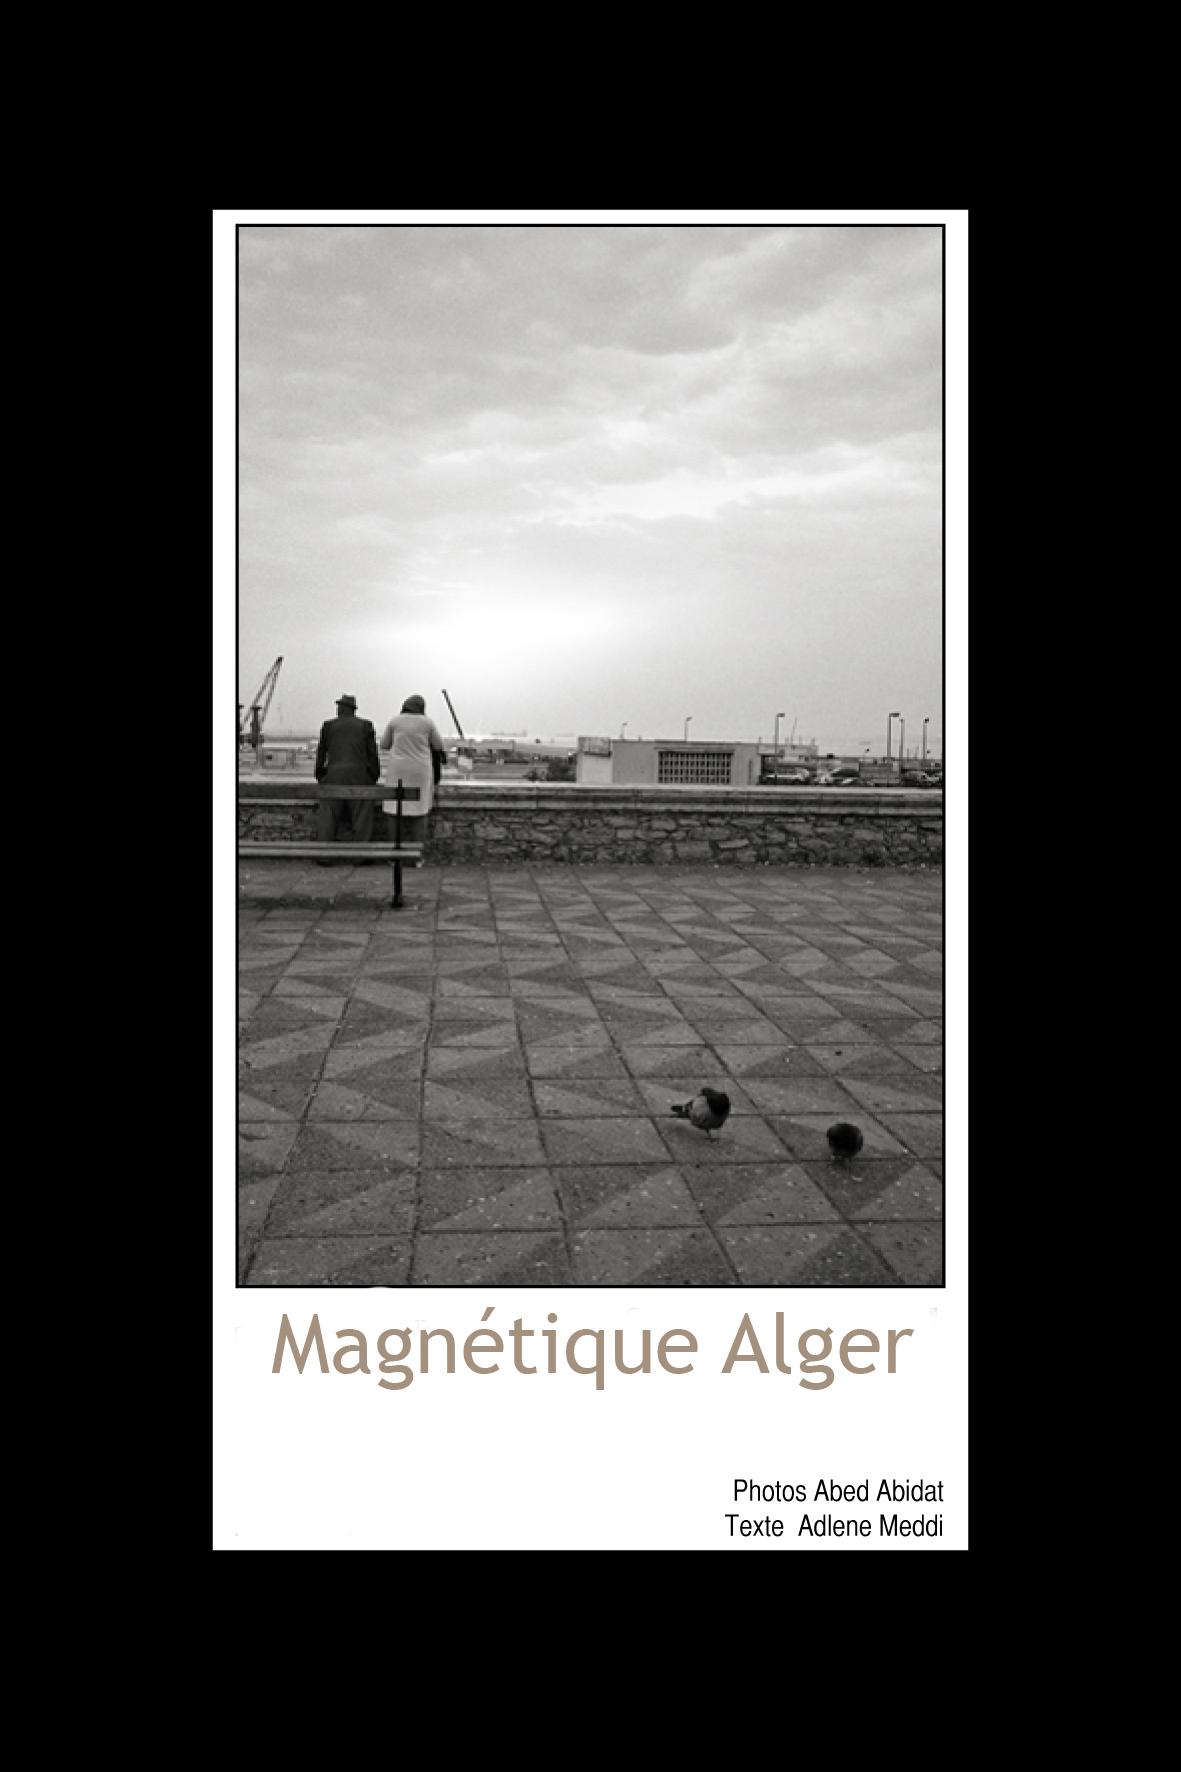 MAGNETIQUE ALGER